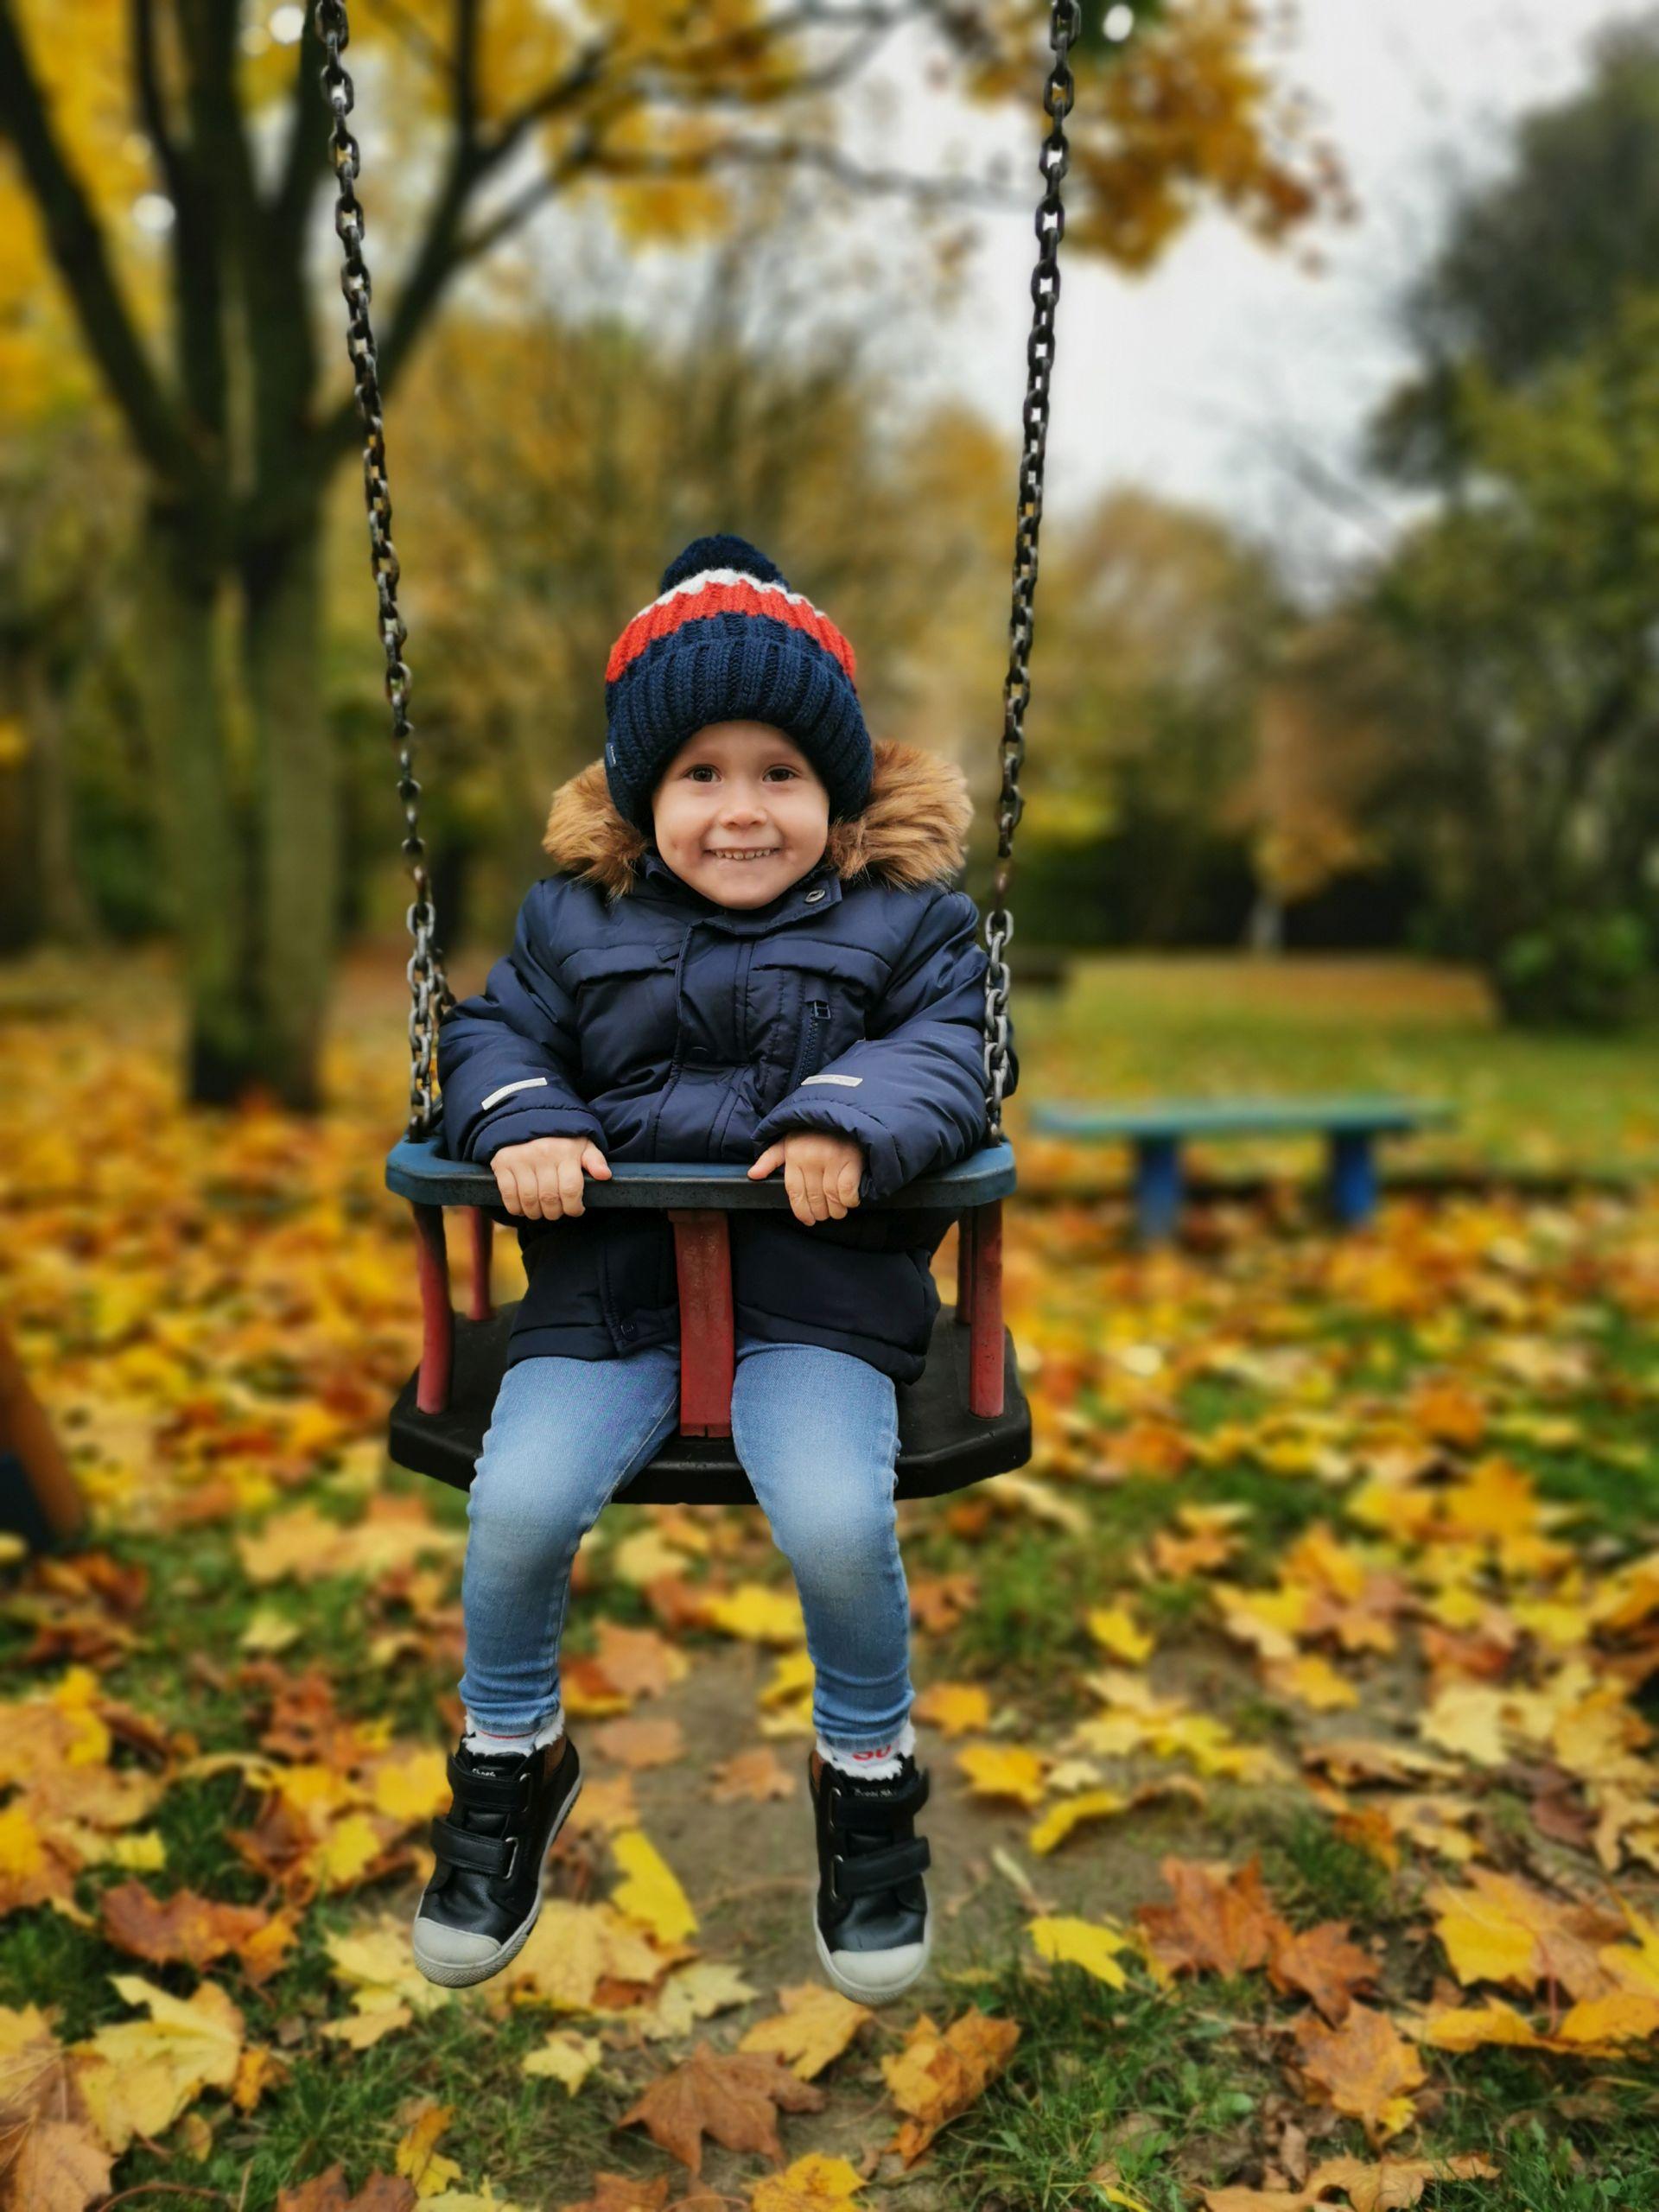 Chłopiec ubrany w kurtkę na huśtawce w jesiennej scenerii.